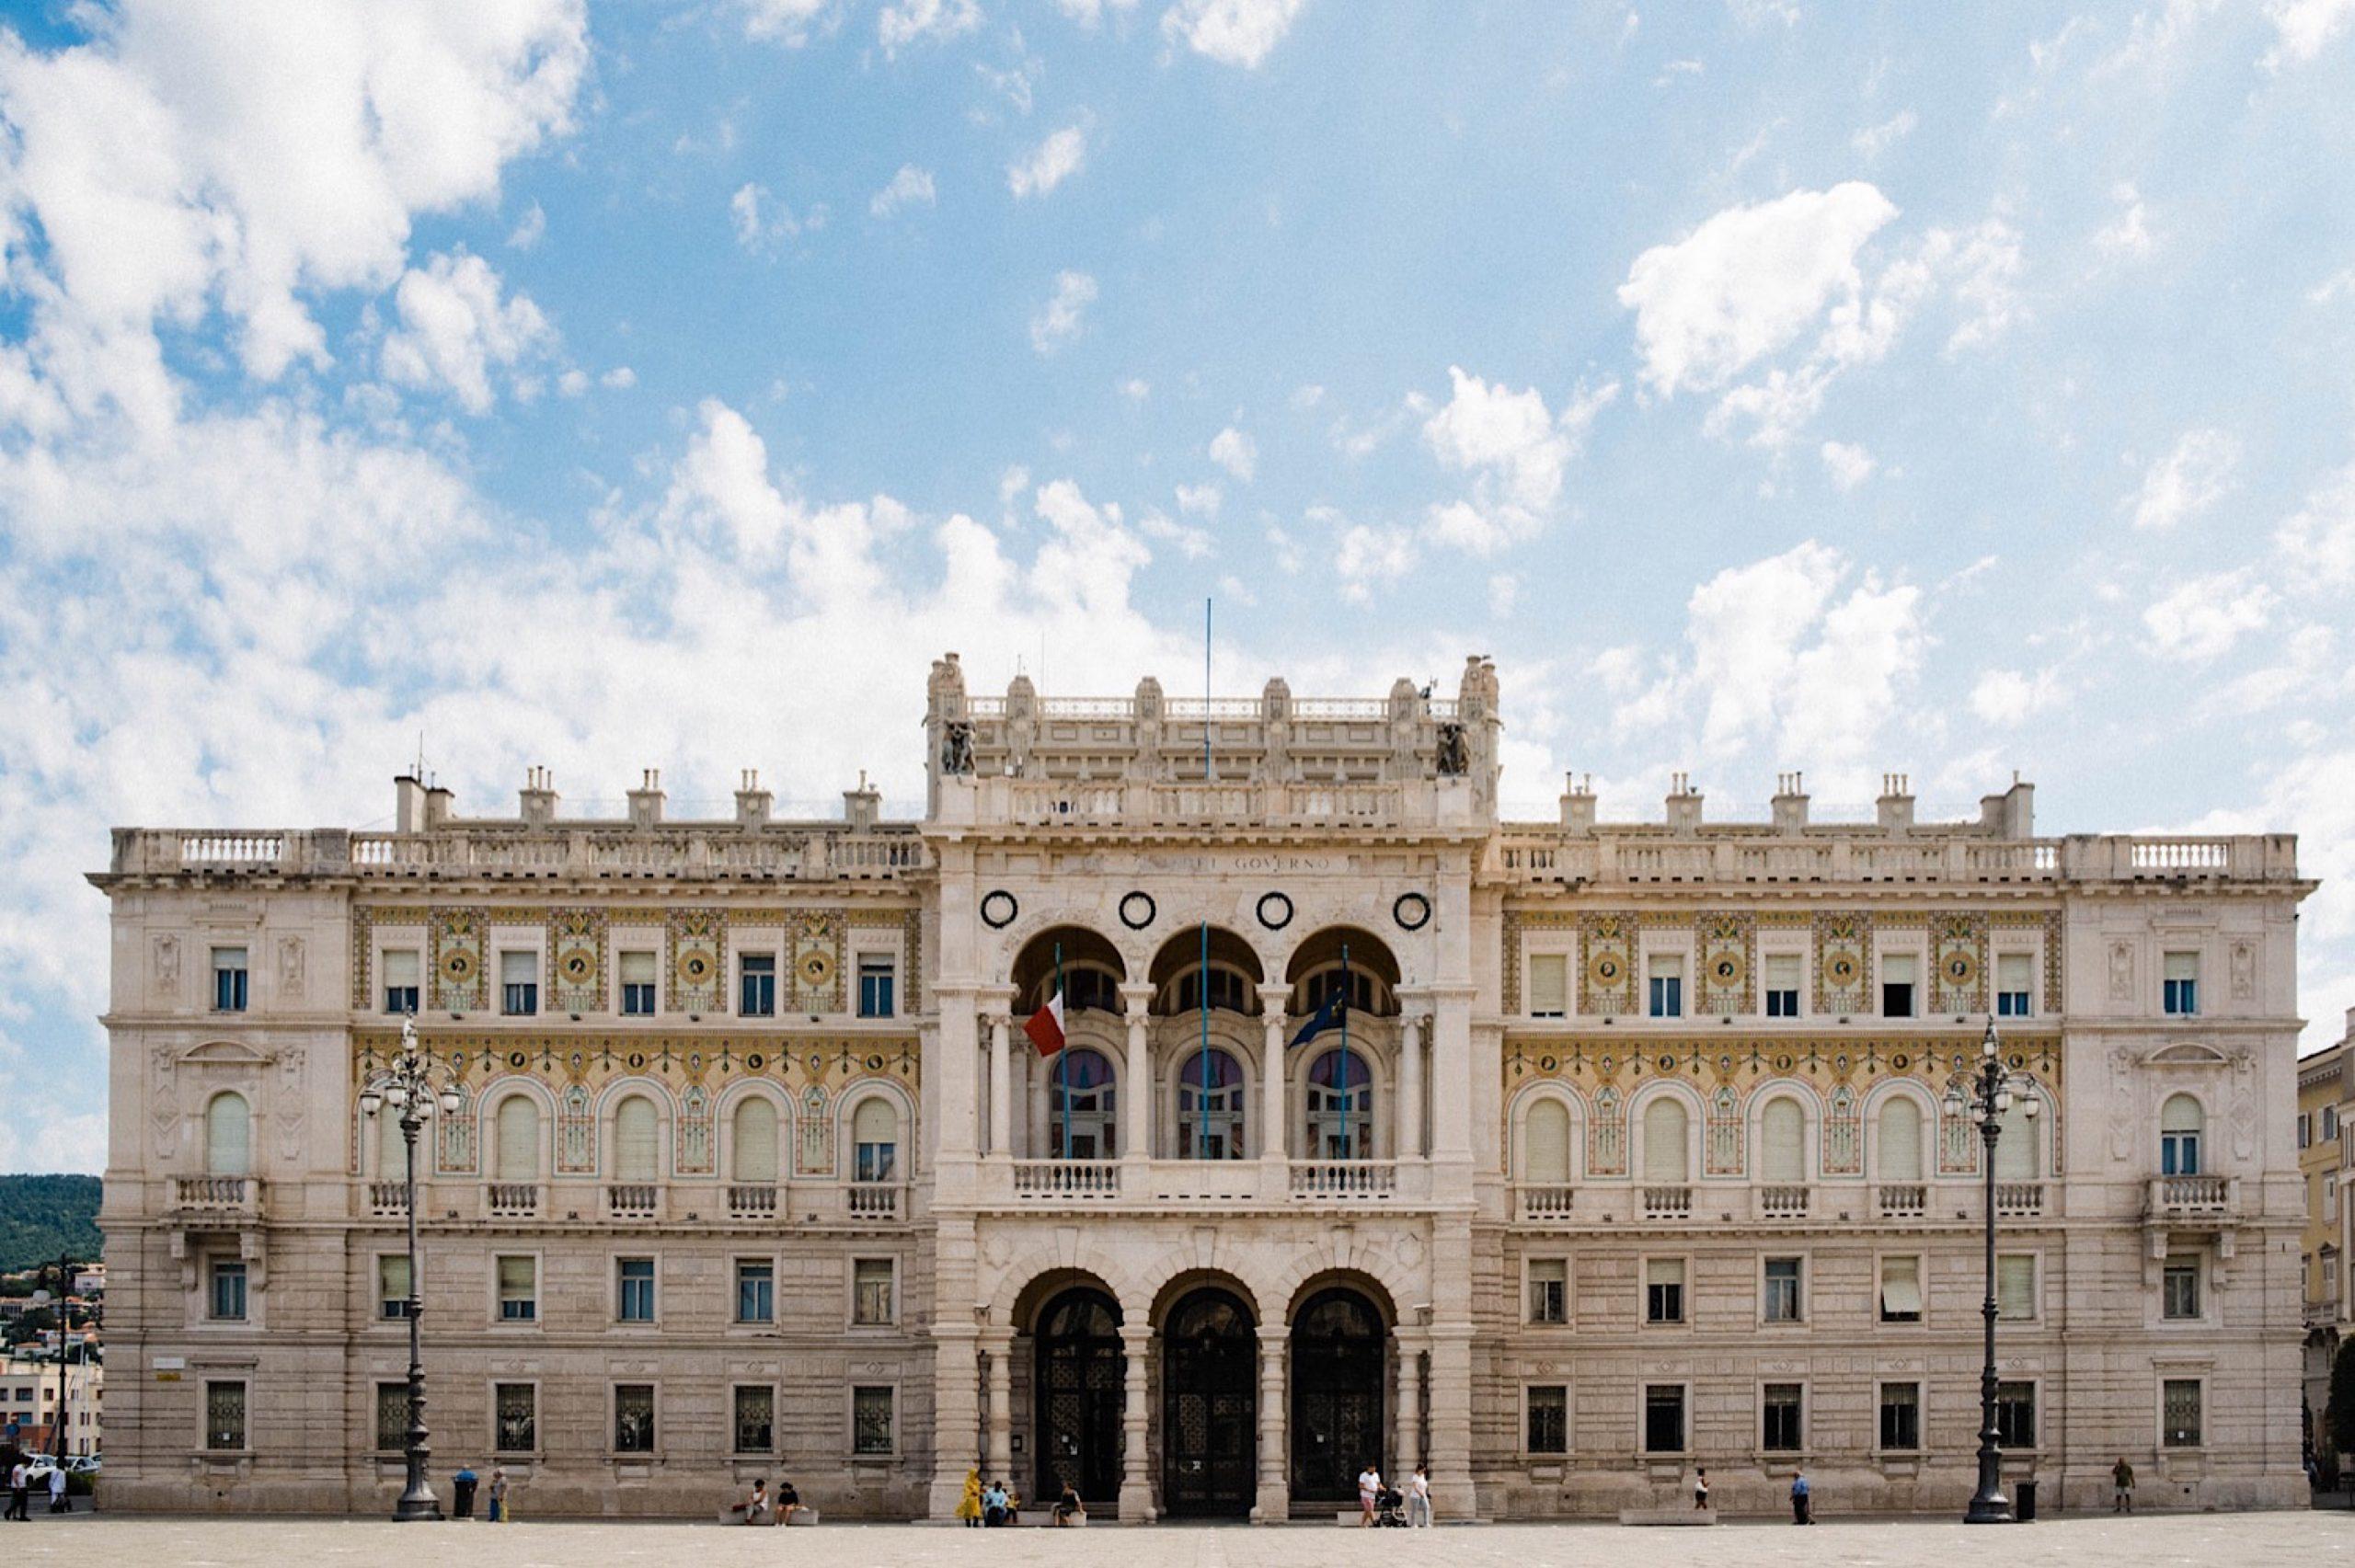 A wide photo of the Government Palace, or Palazzo del Governo, in the Piazza Unità d'Italia, Trieste.